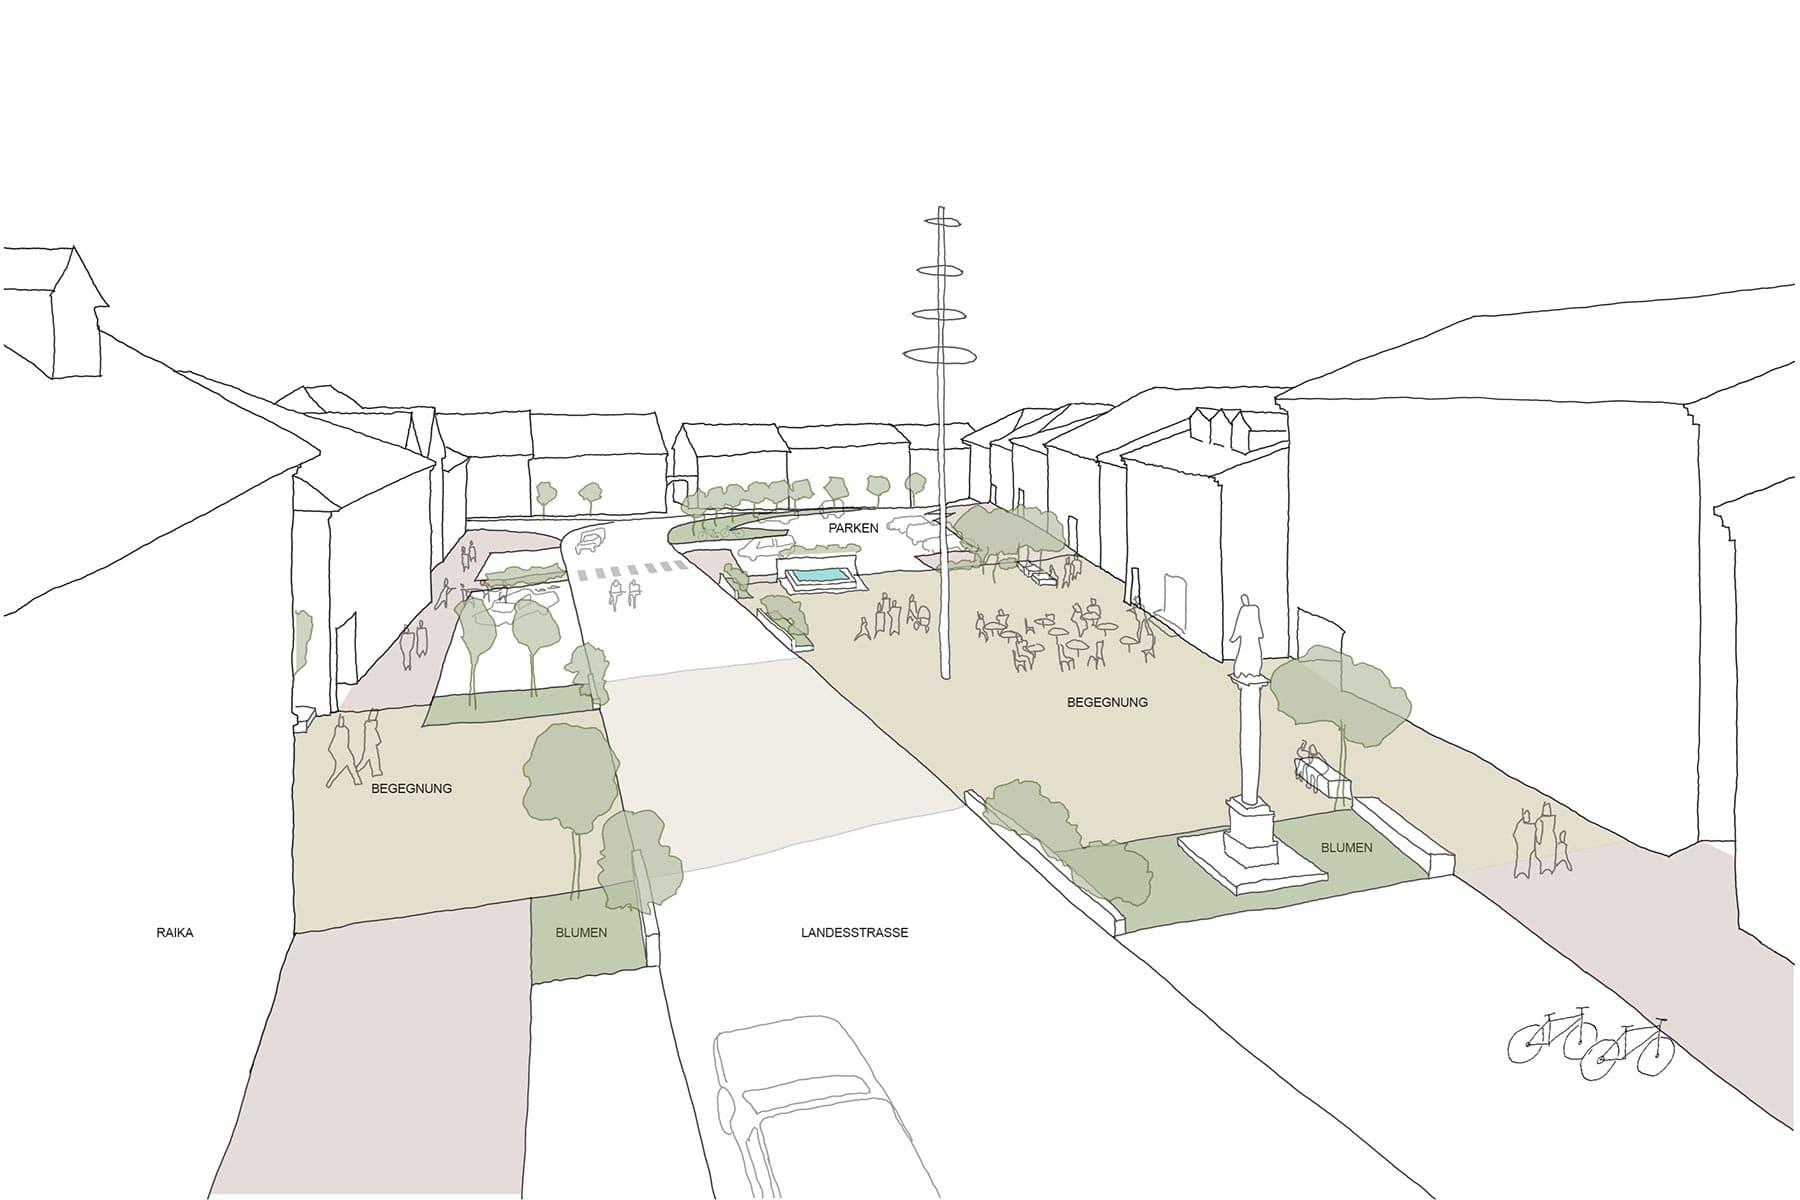 stadtplatz pregarten, stadtplatz, ortsplatz, marktplatz, neugestaltung, architekt, entwicklungskonzept, bürgerbeteiligung, kooperatives planen, planungsprozess